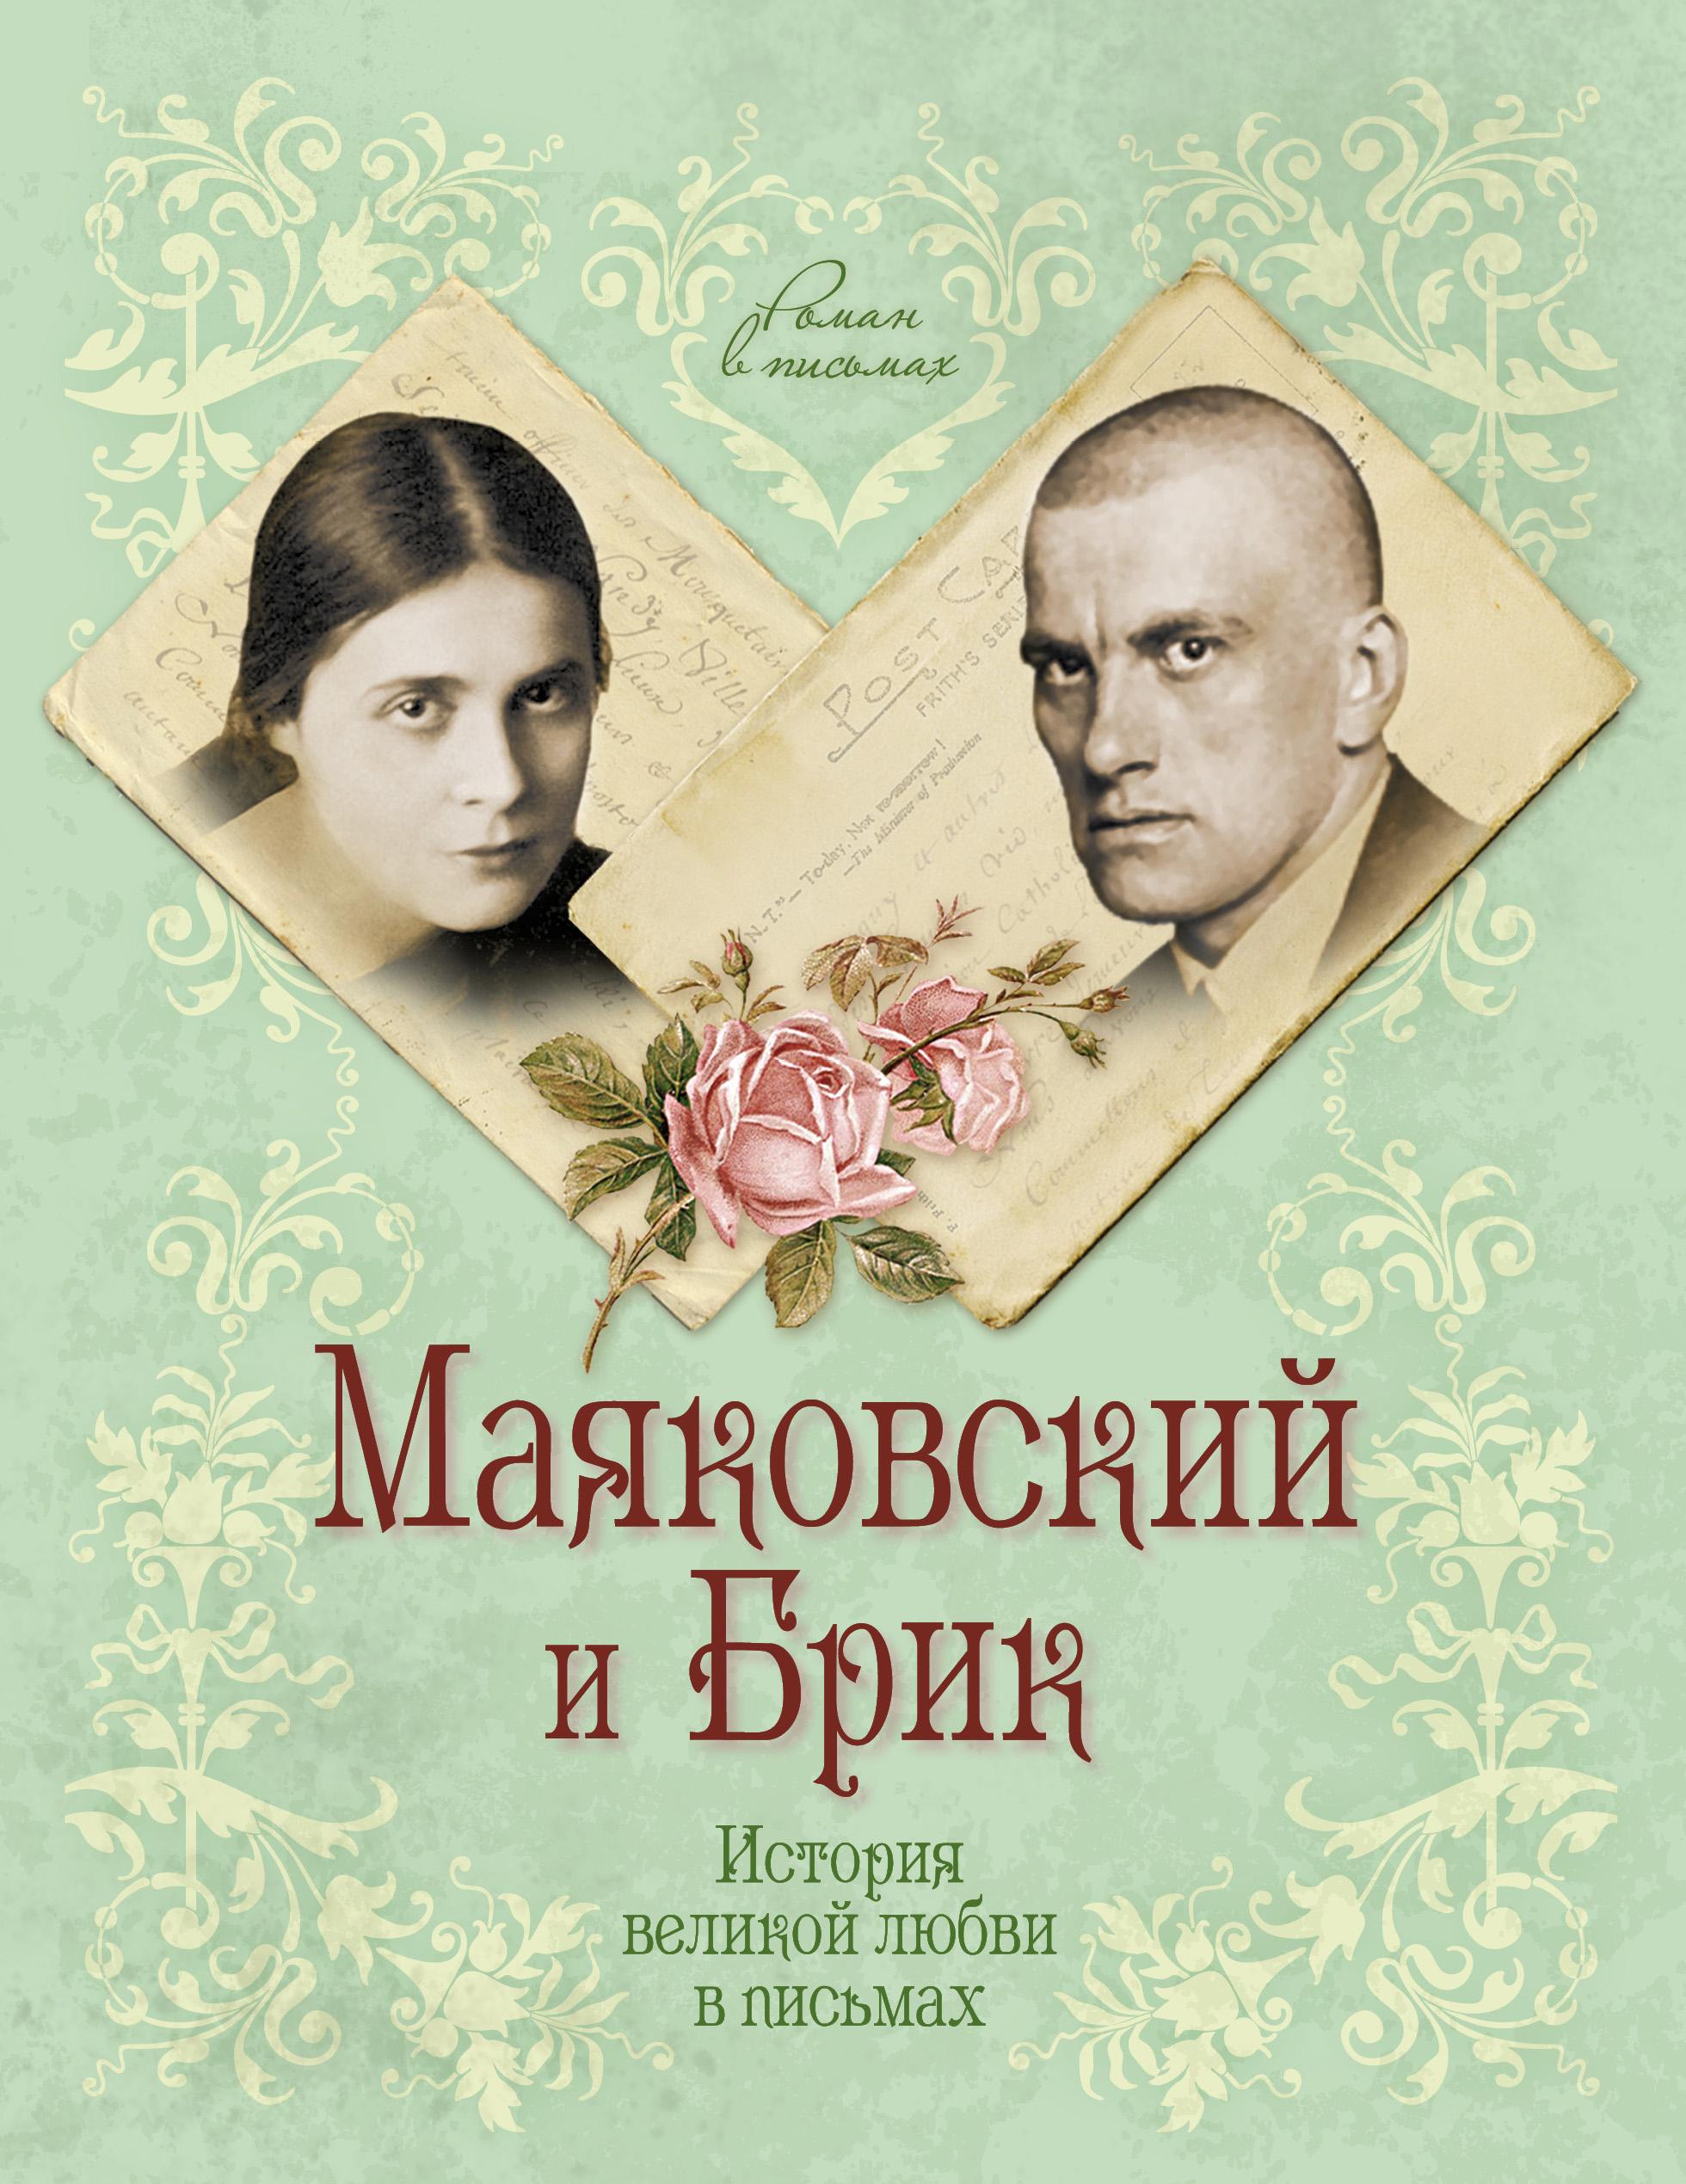 Маргарита Смородинская Маяковский и Брик. История великой любви в письмах